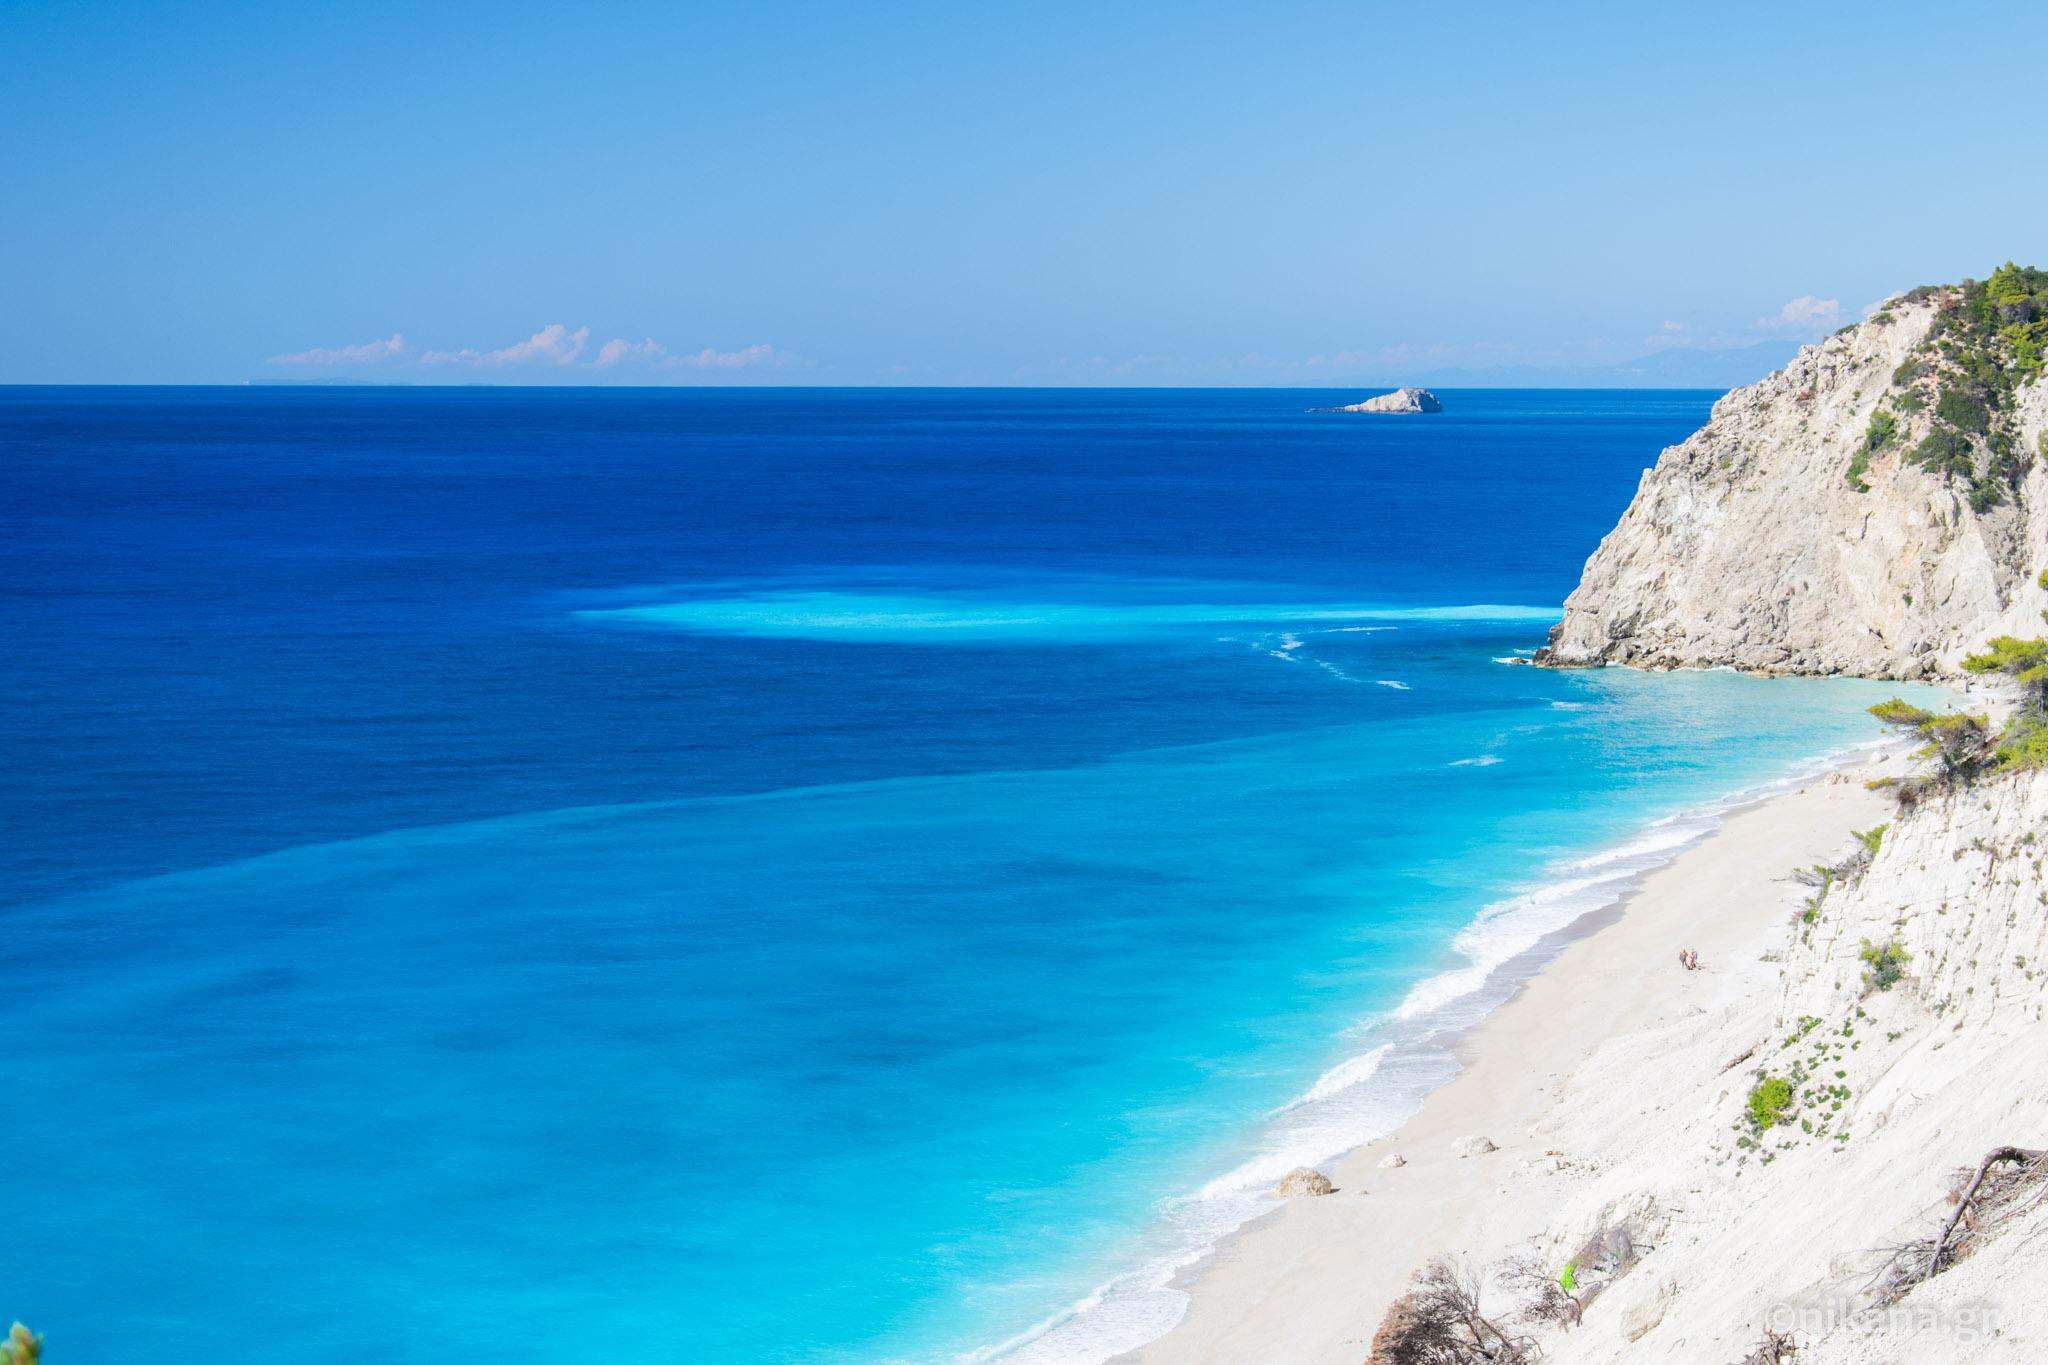 Najlepše Plaže Na Lefkadi Lefkada Vodič Nikanagr